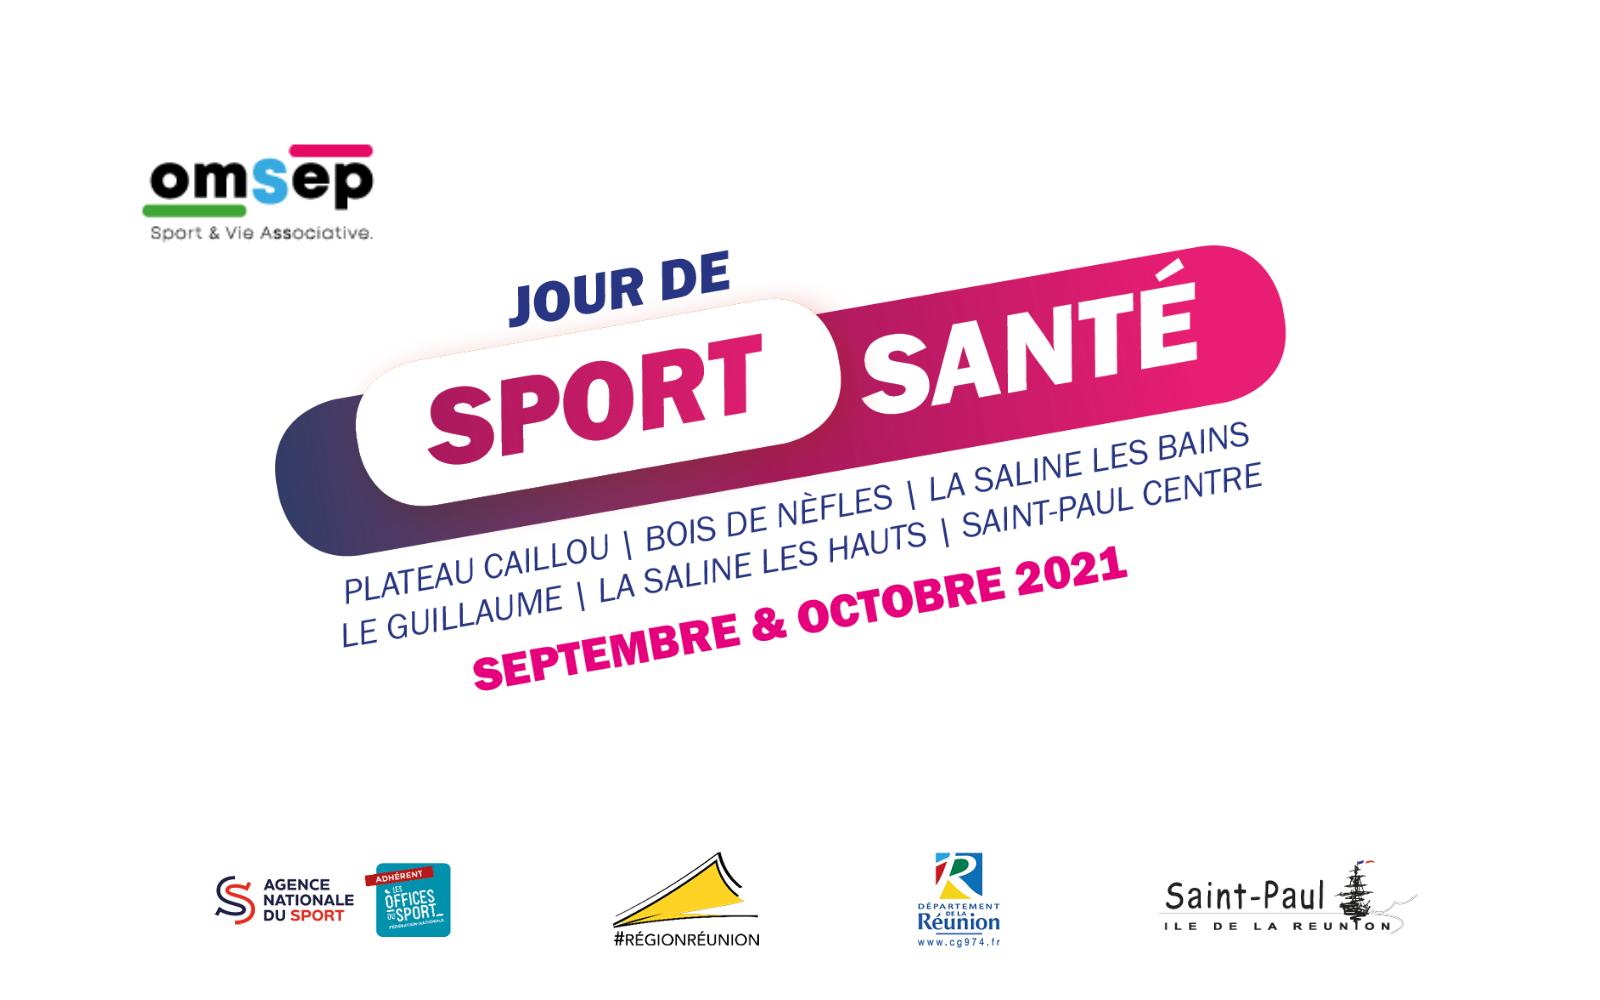 Jour de Sport Santé 2021 – le programme